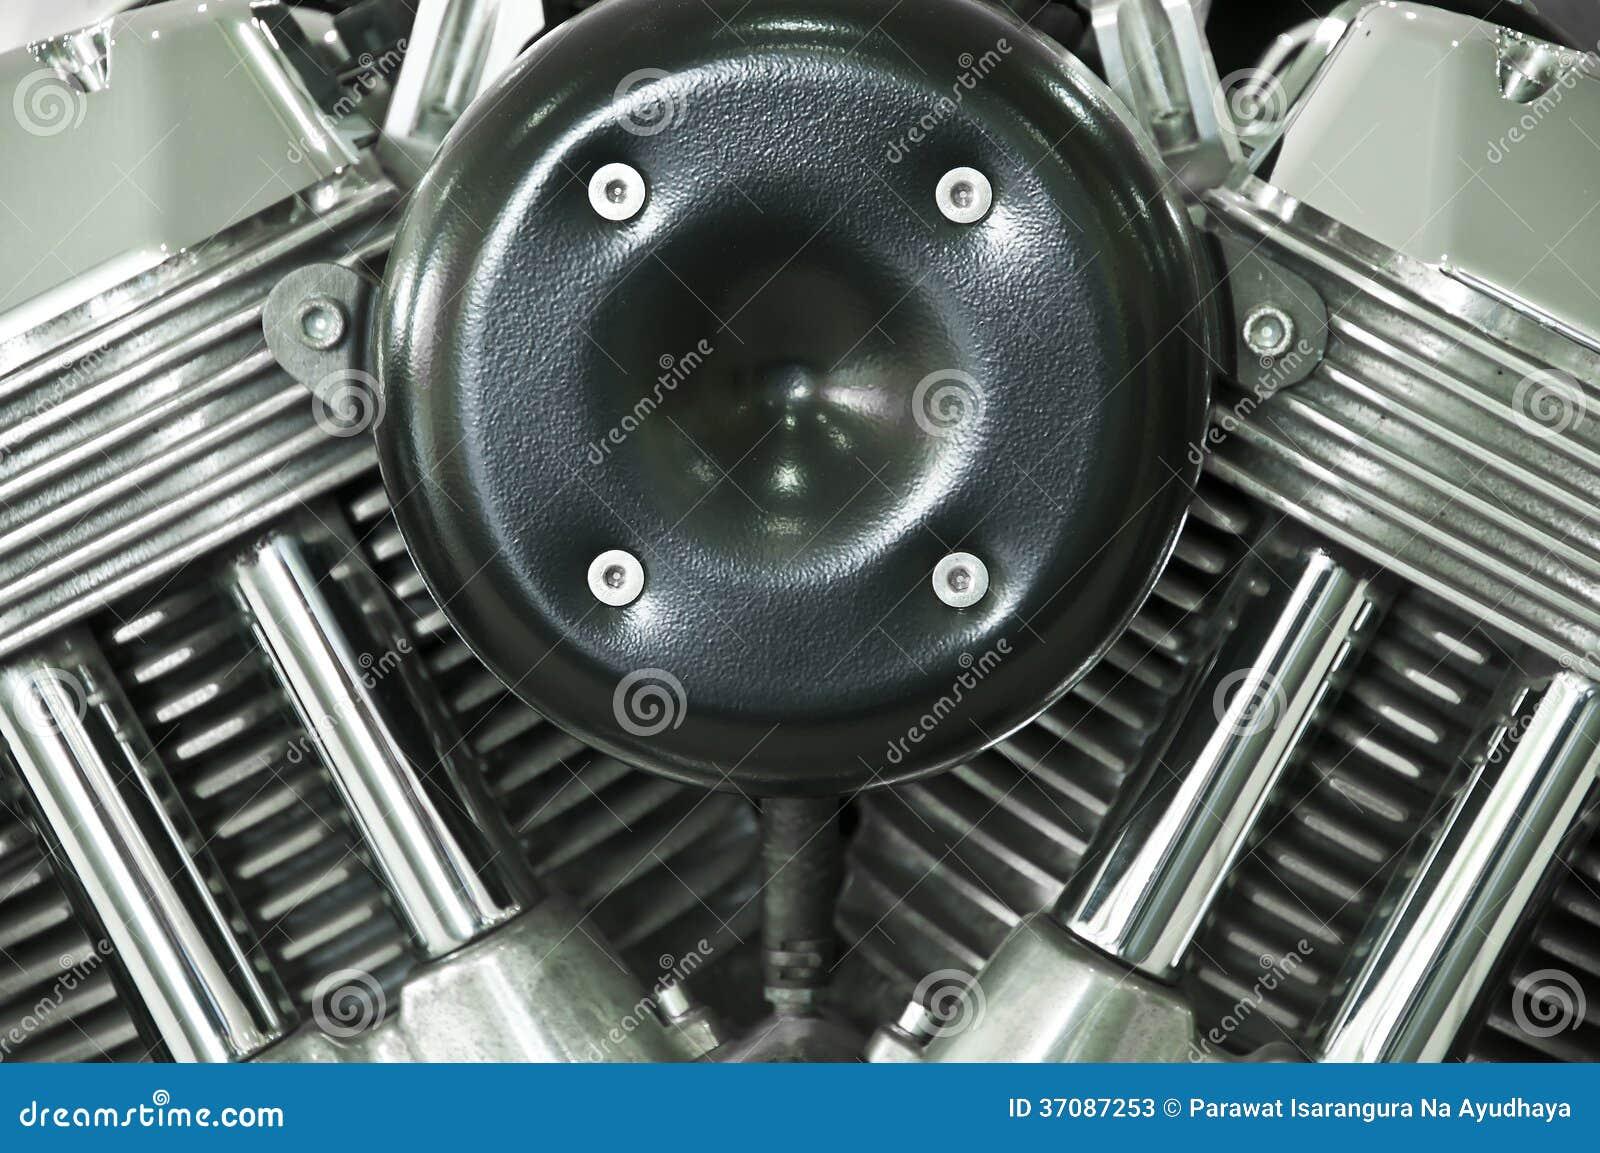 harley davidson shovelhead engine drawings  harley  free